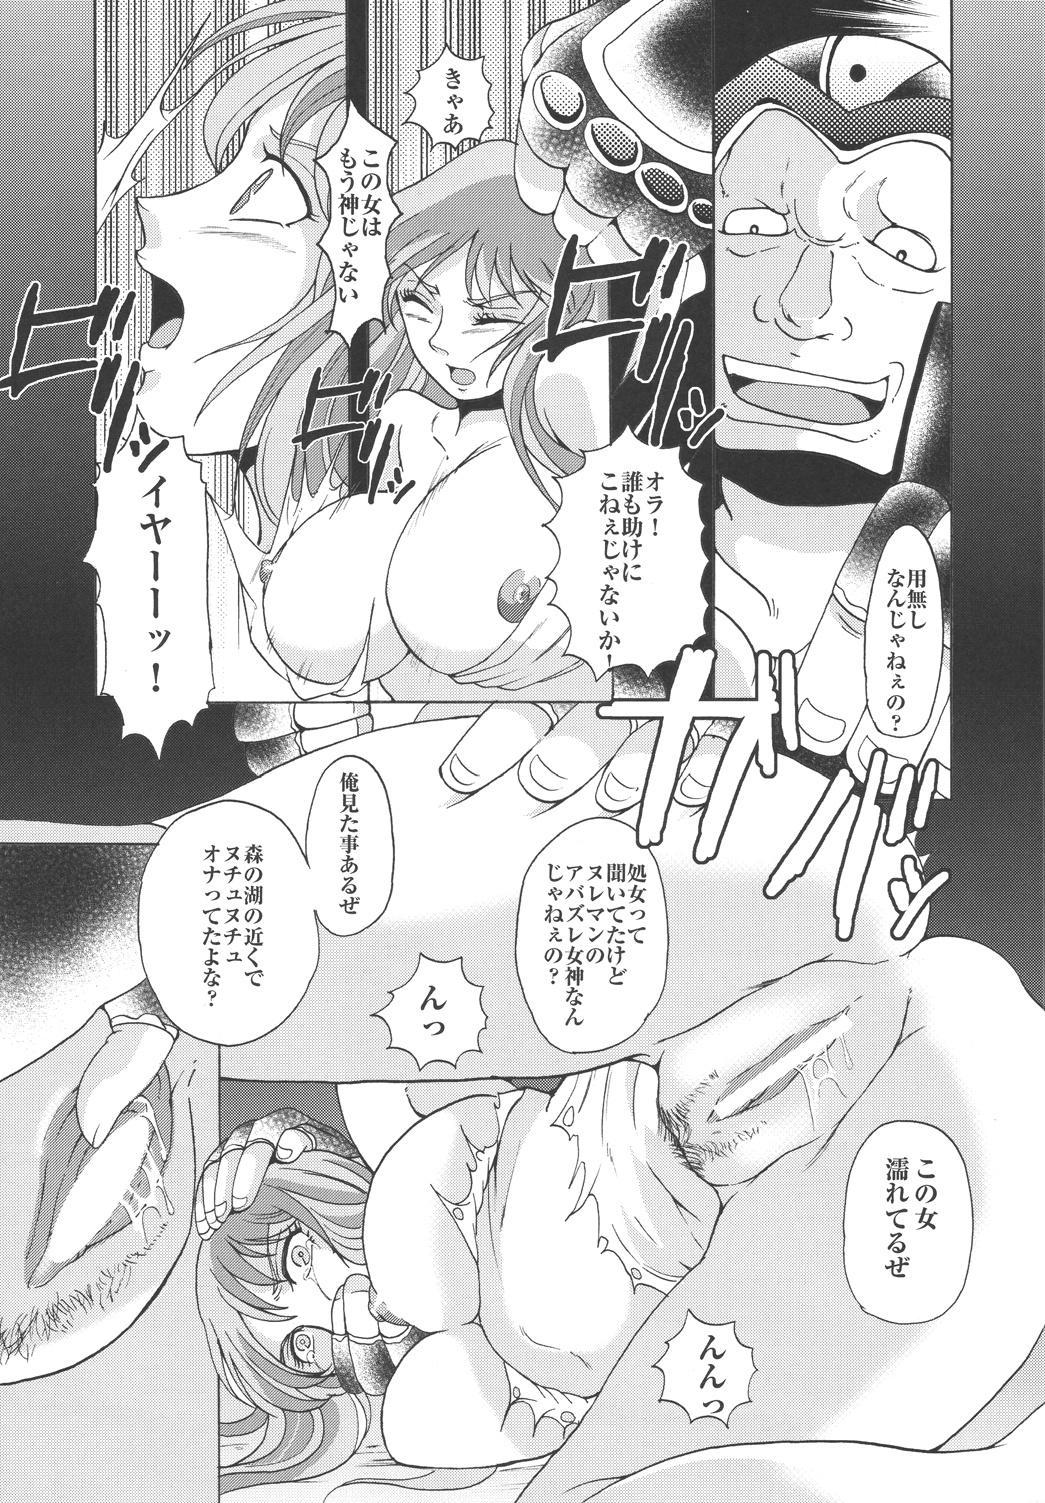 Megami-tachi no Requiem 24